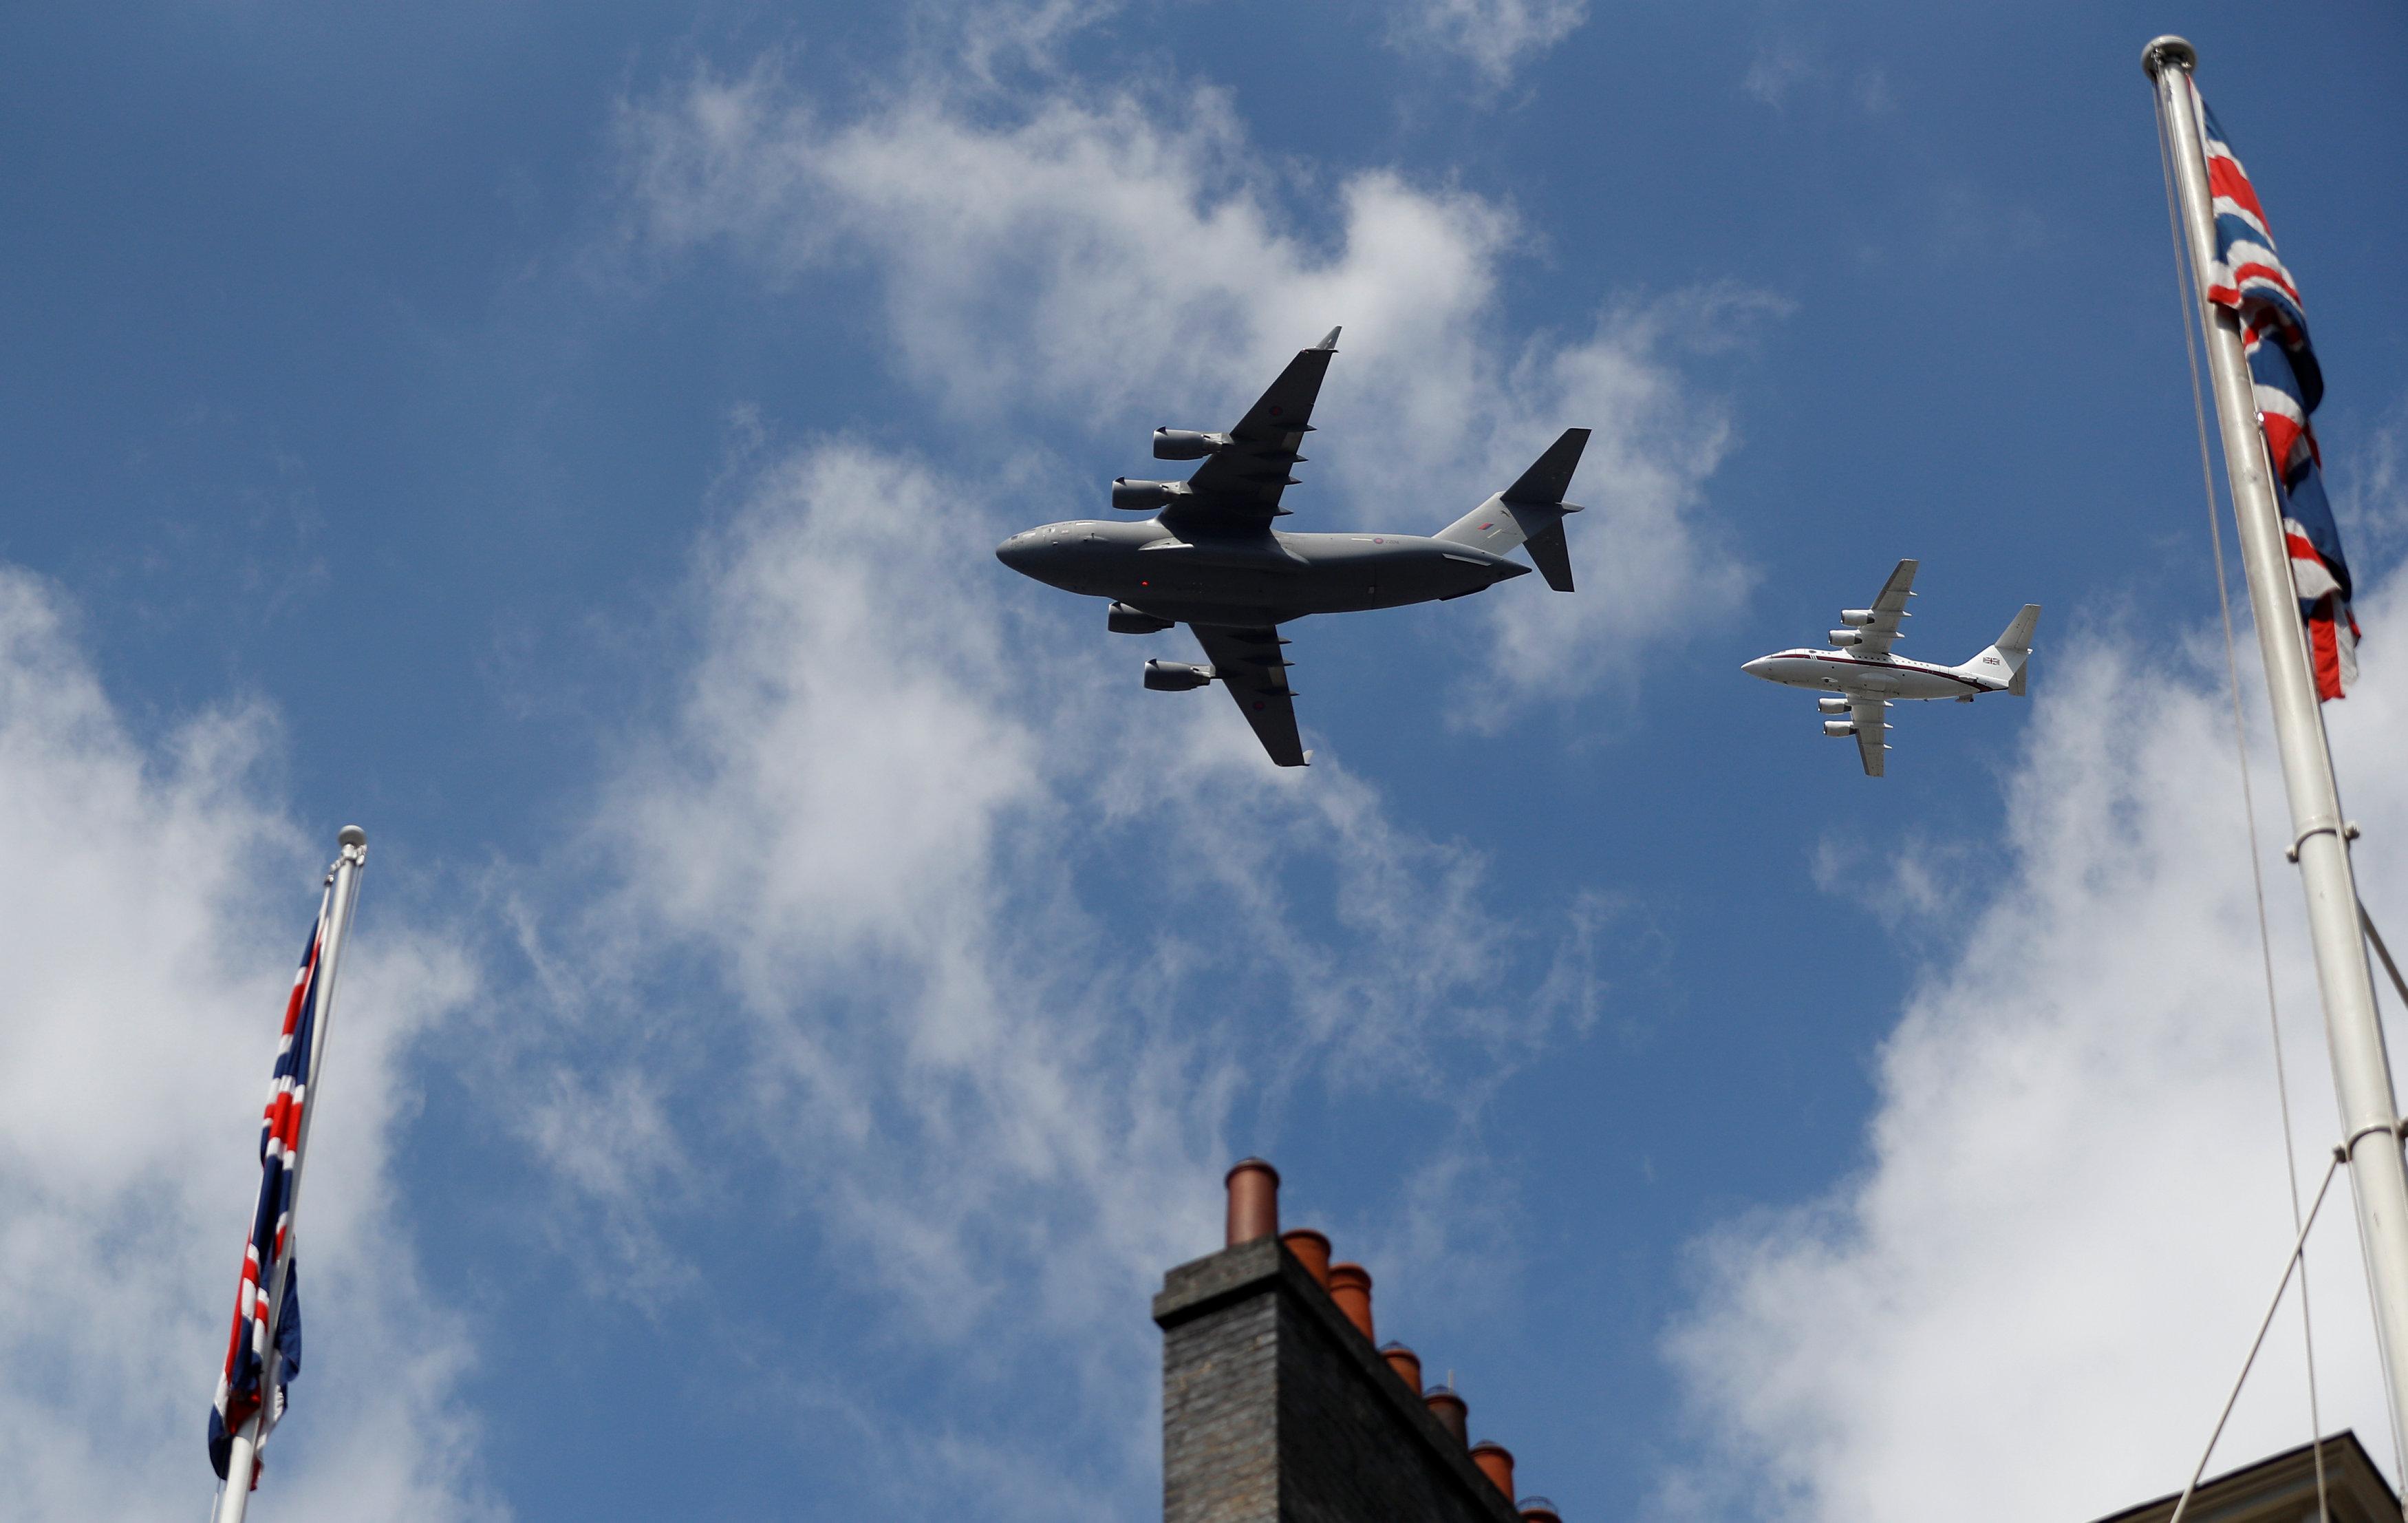 6月17日,在英国伦敦,英国空军飞机在皇家阅兵式上亮相。(新华社/路透) 新华社伦敦6月21日电(记者张家伟)随着英国女王伊丽莎白二世21日宣读新政府未来施政与立法计划,英国参与全球太空产业竞争的规划更加明晰,未来将大力推动本土航天发射设施的建设。 计划显示,英国政府将推动新立法,扫除政策障碍,吸引更多投资进入英国的商业航天发射业,改变长久以来英国本土没有航天发射作业的情况。其中一个重要措施是在英国本土建设航天港。英国目前在全球航天产业中的份额为6.